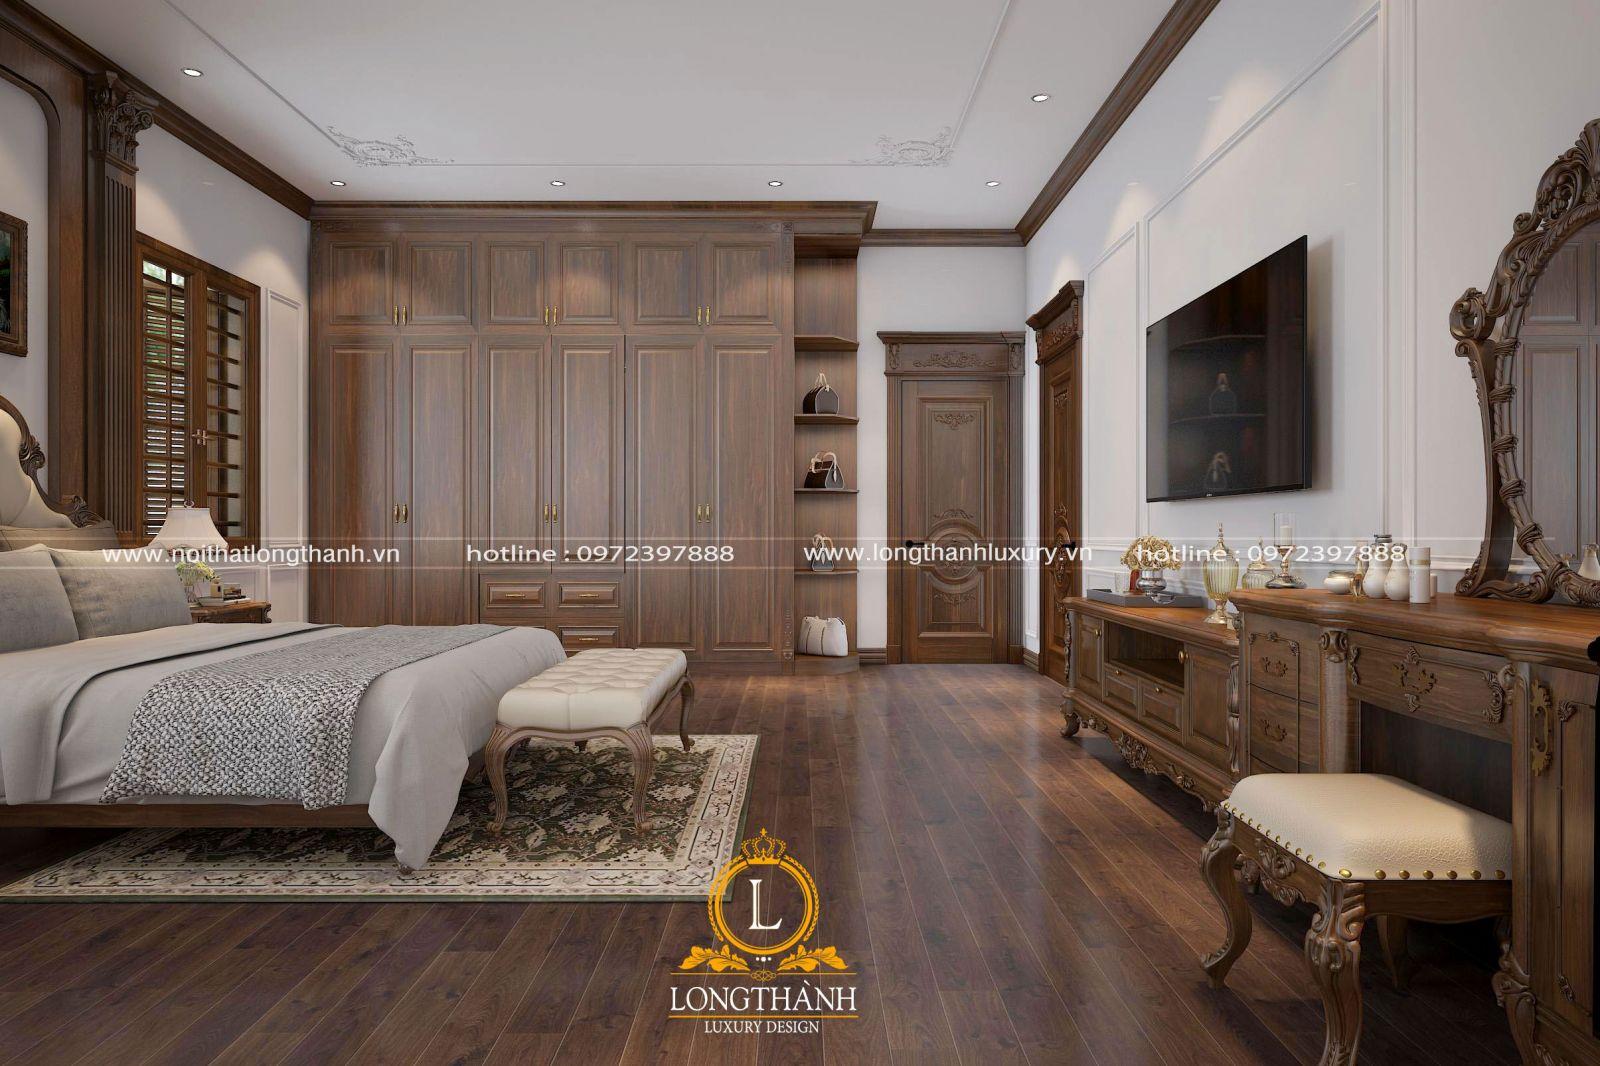 Thiết kế kệ tivi cho không gian phòng ngủ tân cổ điển